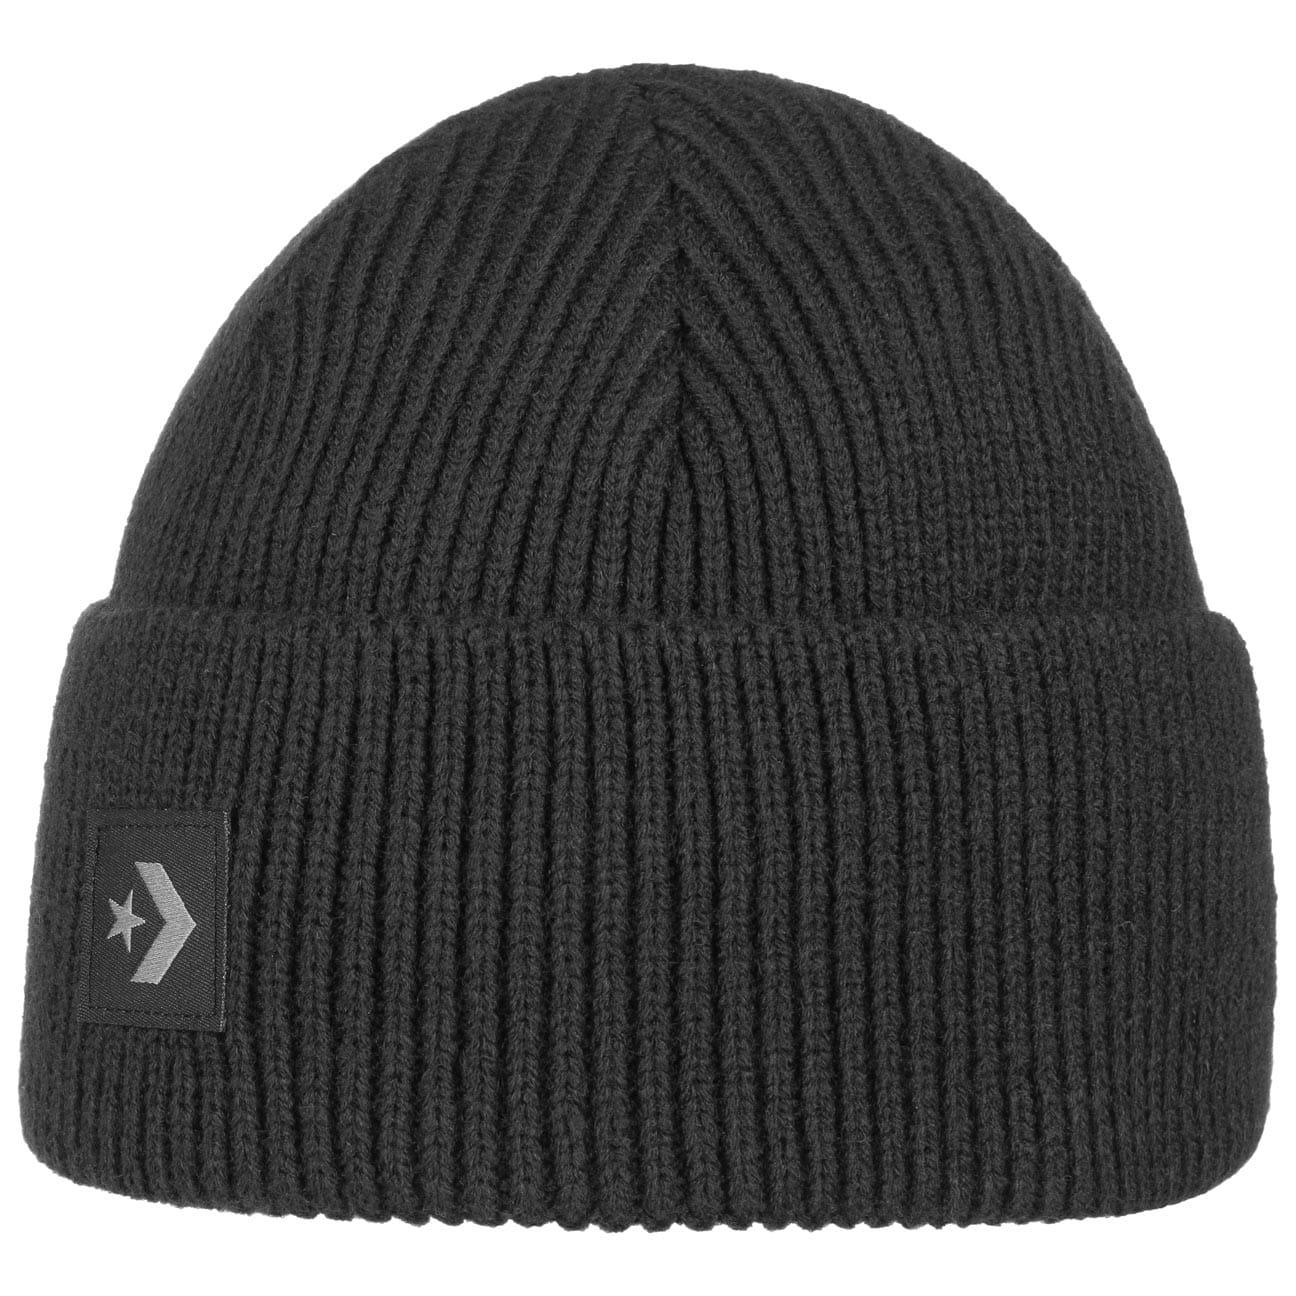 Bonnet à Revers Star Chevron by Converse  bonnet pour l`hiver